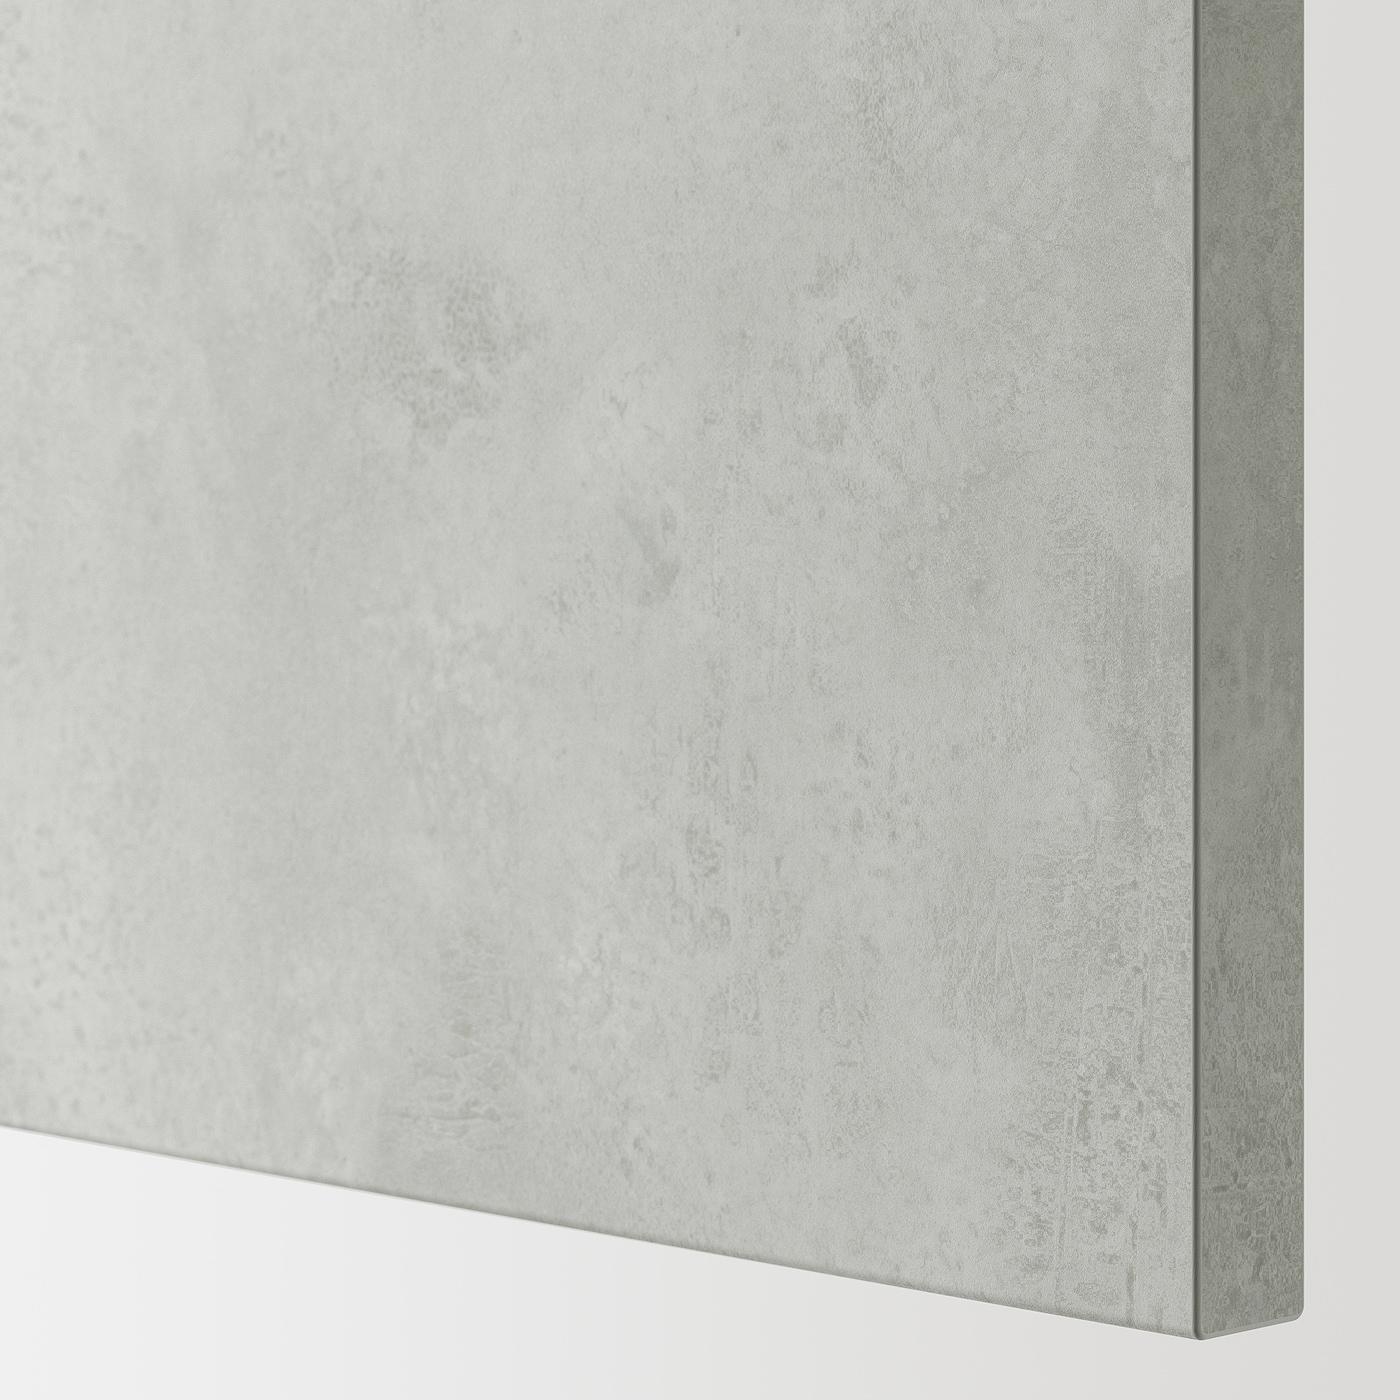 ENHET Spodná skr na drez/dvierka, biela/imitácia betónu, 60x60x75 cm